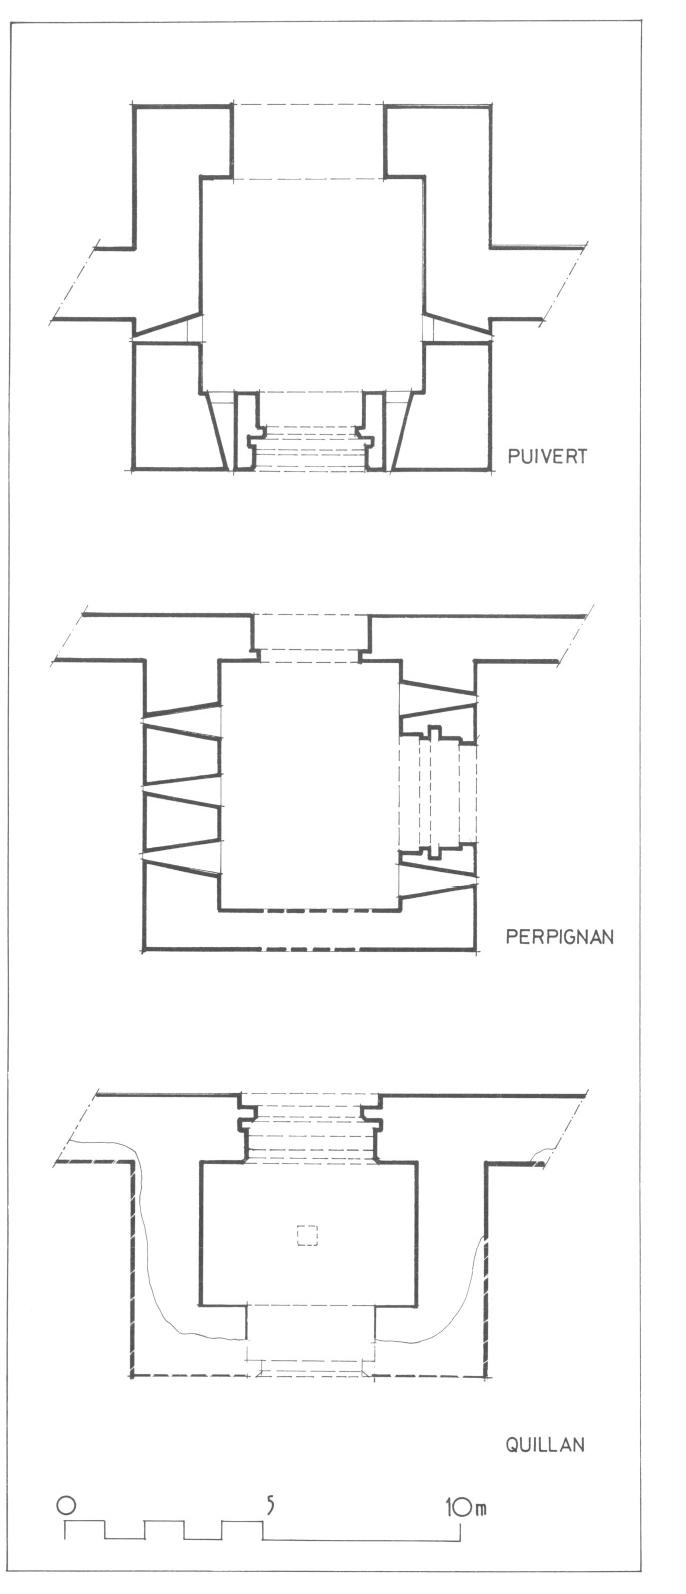 essai sur le ch teau de quillan pers e. Black Bedroom Furniture Sets. Home Design Ideas